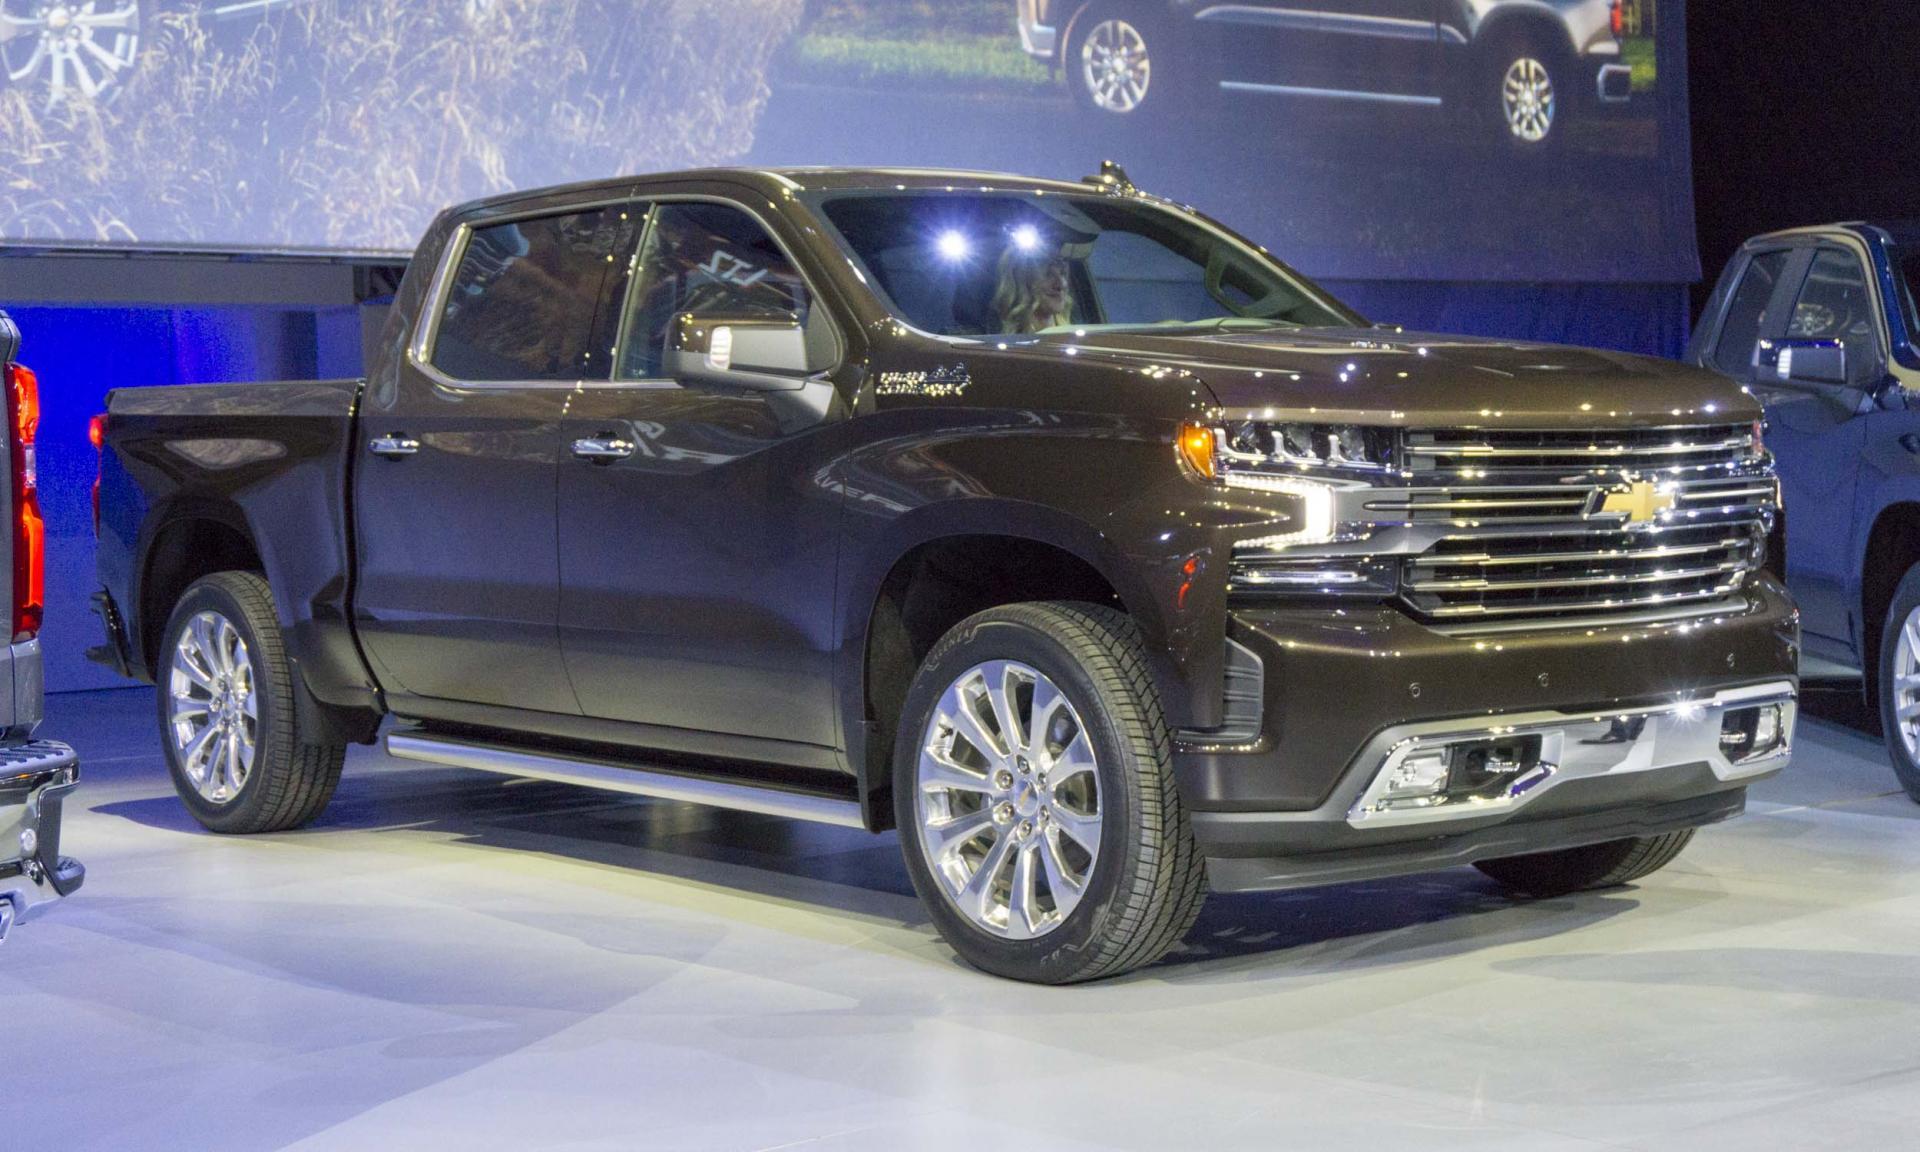 autocontentexp.com2019-Chevrolet-Silverado-16639c5b4c03a598b634b4c7b294cb973428be9b.jpg